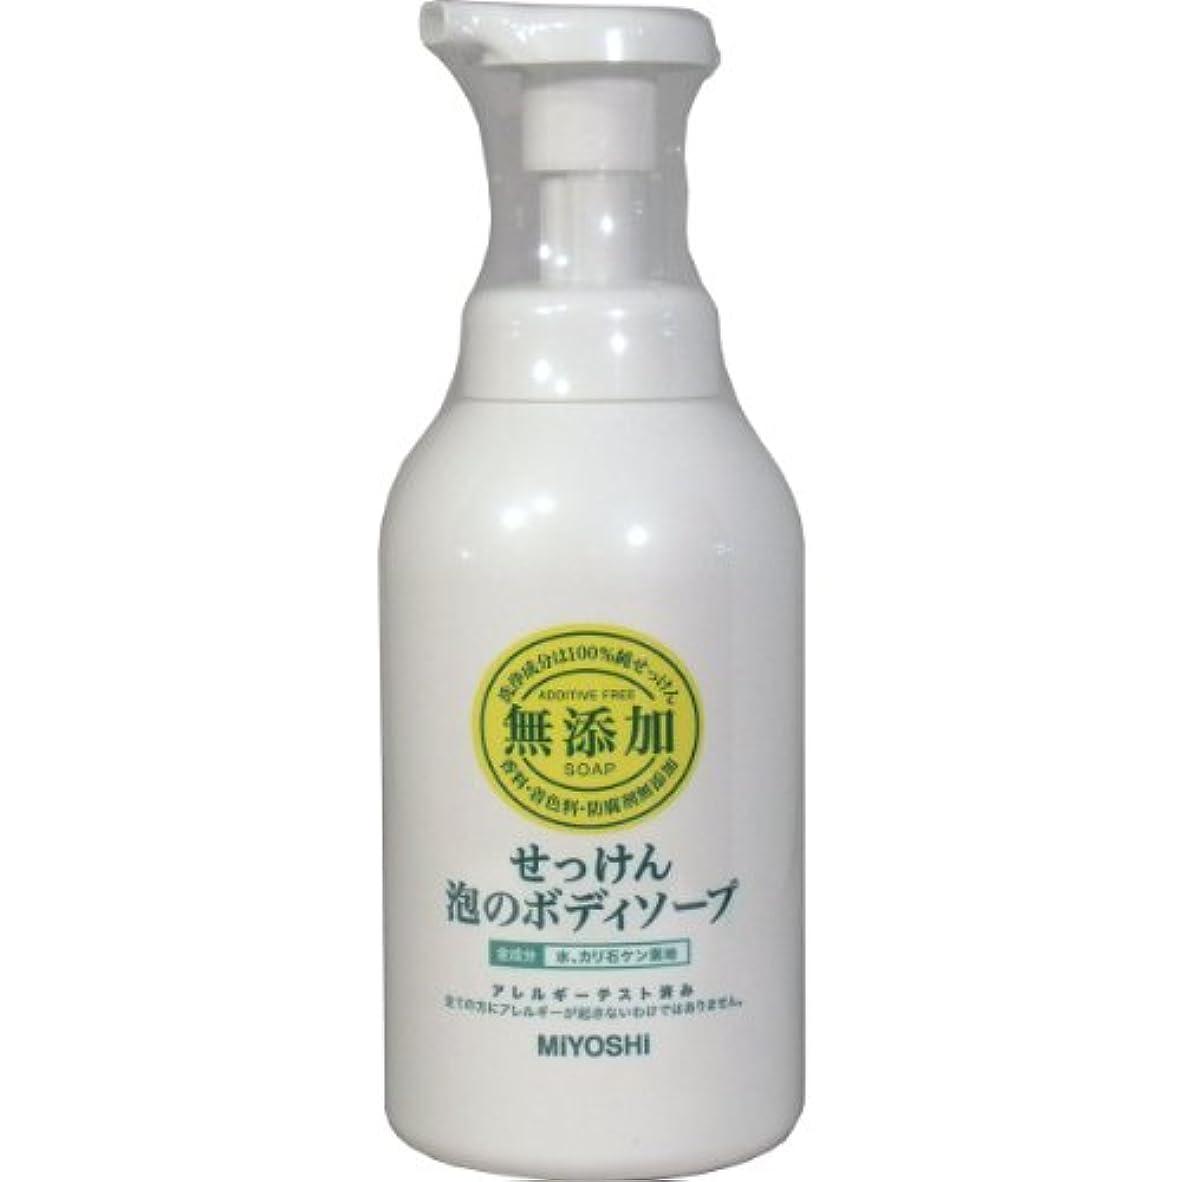 すでにバッグ折【お徳用 4 セット】 ミヨシ 無添加 せっけん 泡のボディソープ 500ml(無添加石鹸)×4セット